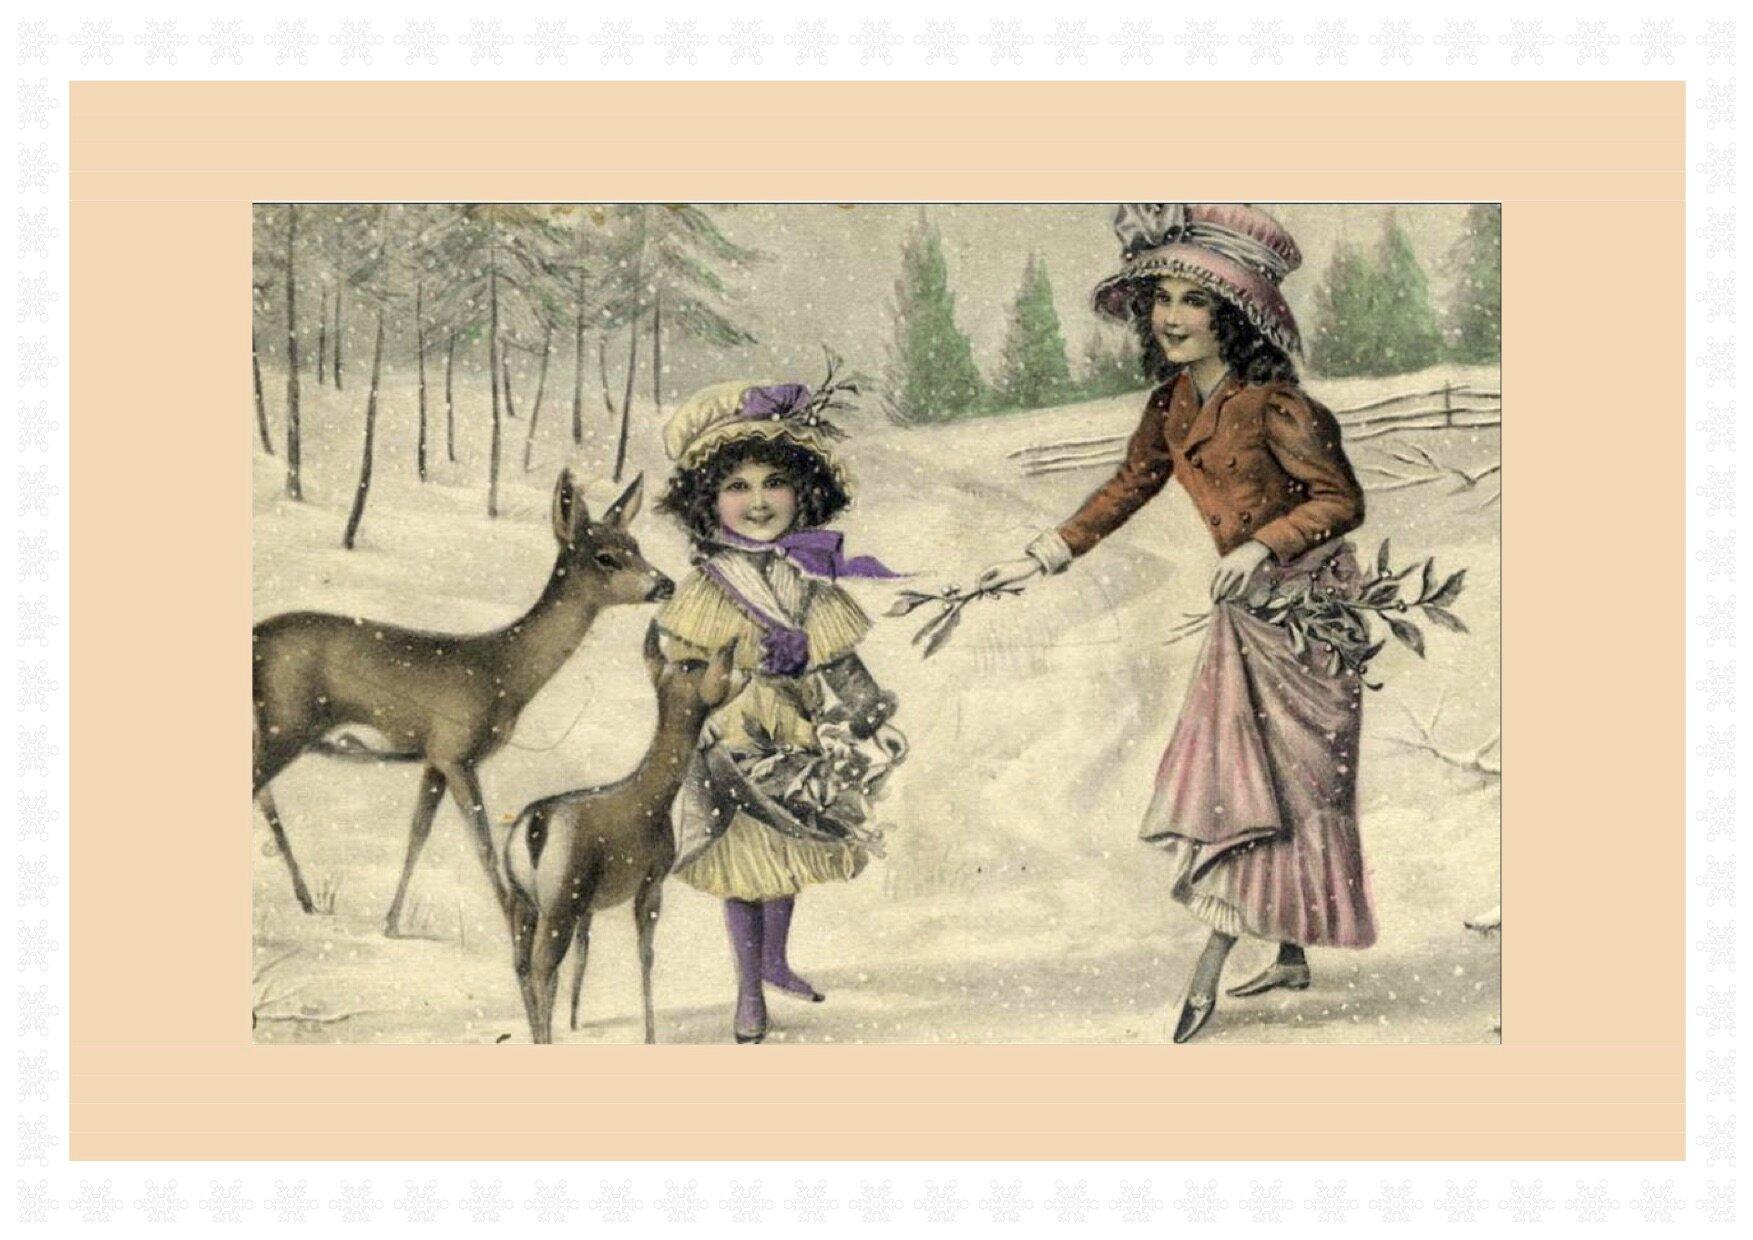 Bonne année 2017 - La Petite Mercerie - LM - Emmaüs Le Plessis-Trévise